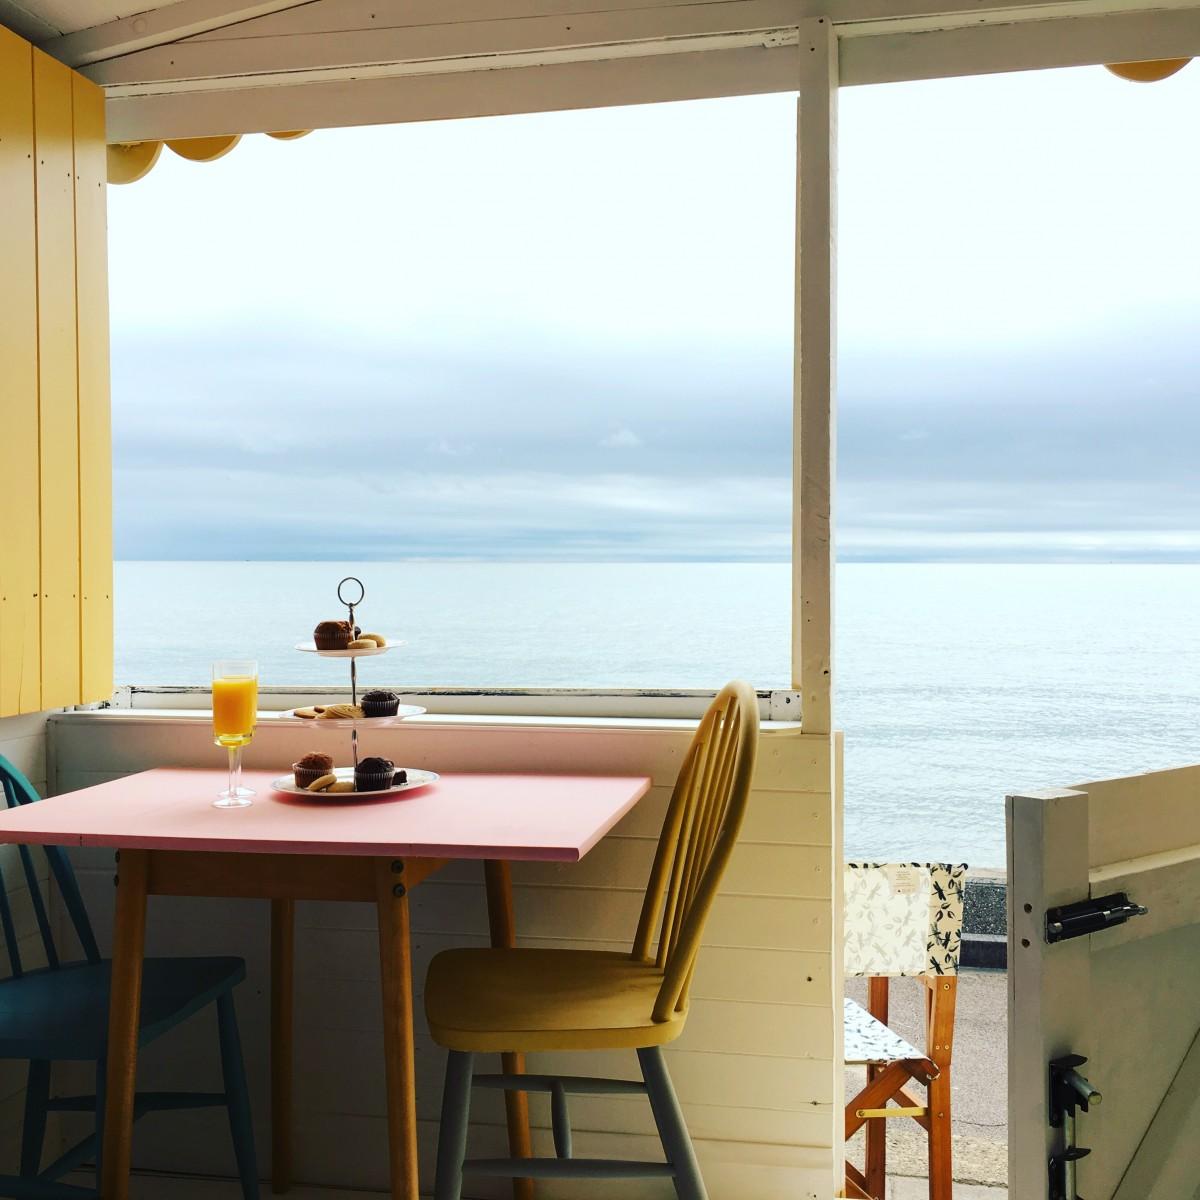 Beach hut decor ideas how i created harley millie 39 s for Beach hut decoration items